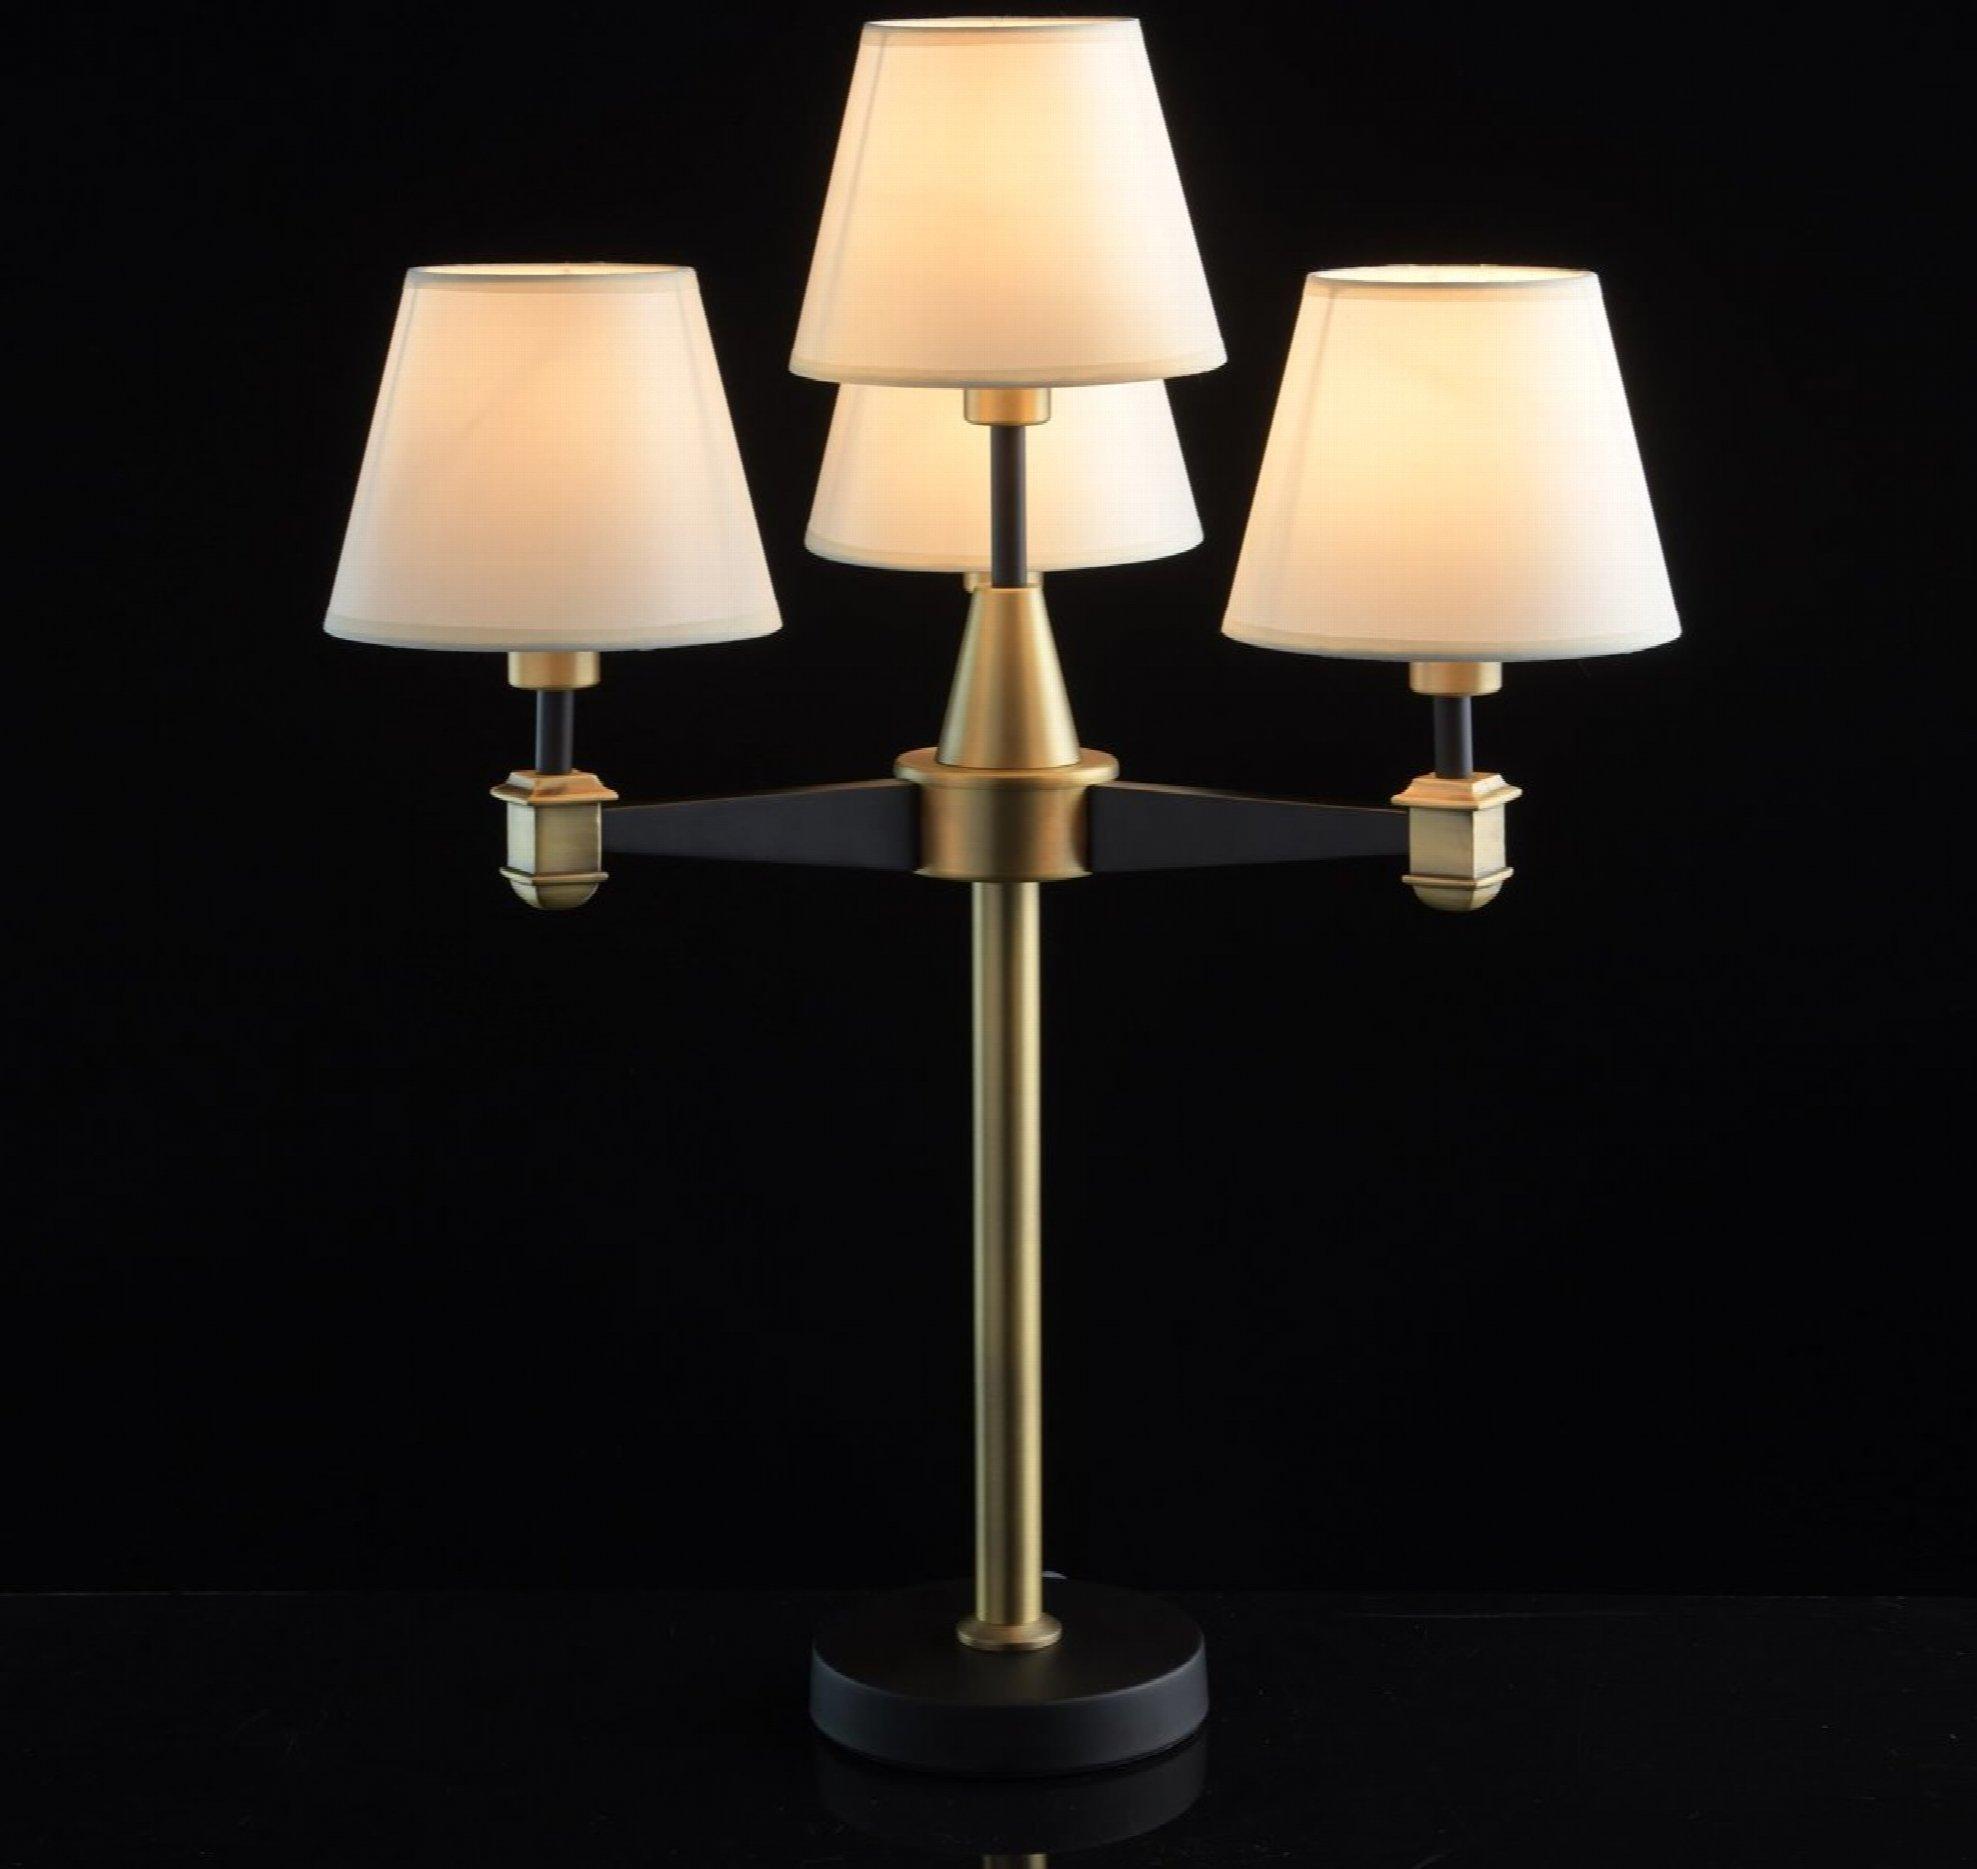 Lampe classique en laiton